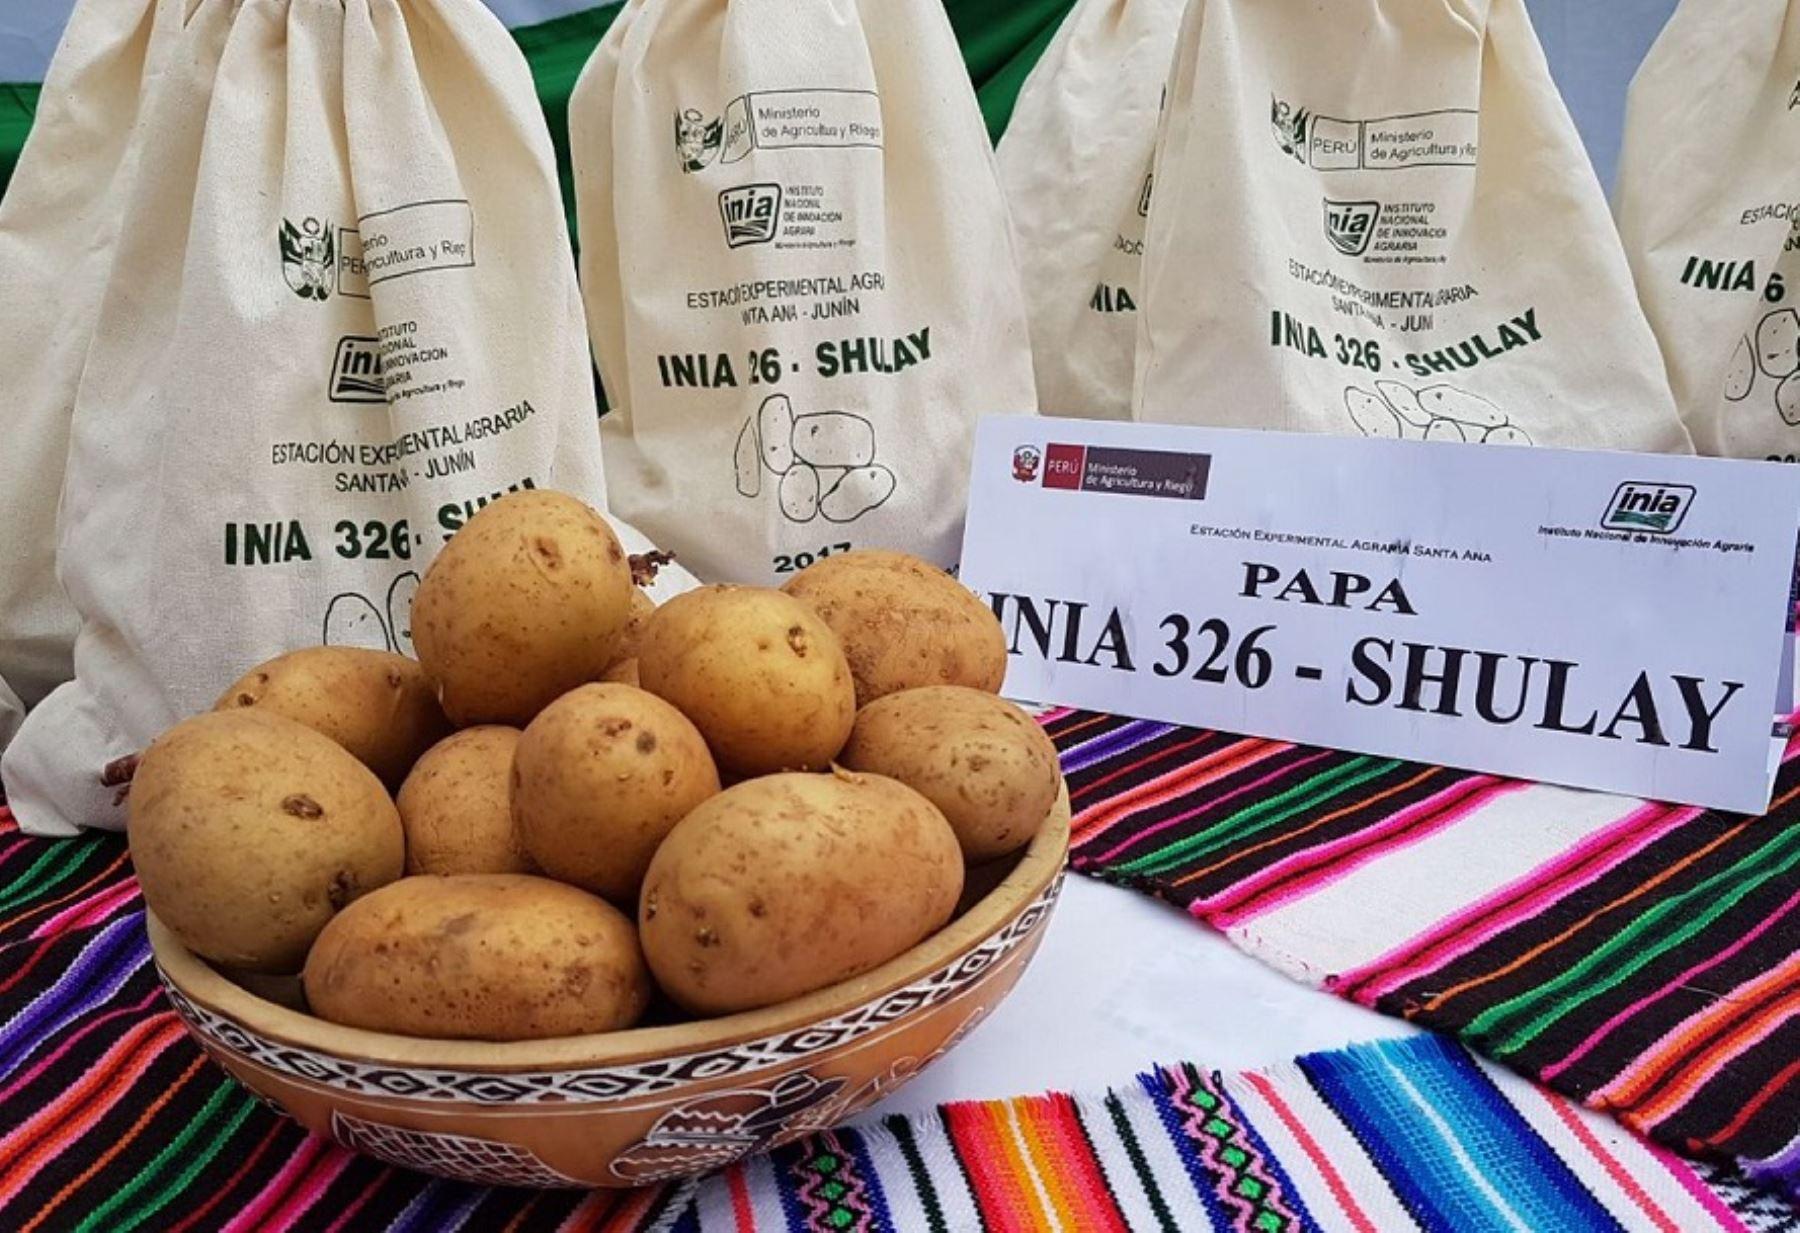 El Ministerio de Agricultura y Riego (Minagri), a través del Instituto Nacional de Innovación Agraria (INIA), puso a disposición de los agricultores del país una nueva variedad de papa denominada INIA 326-Shulay, especial para hacer papas fritas.